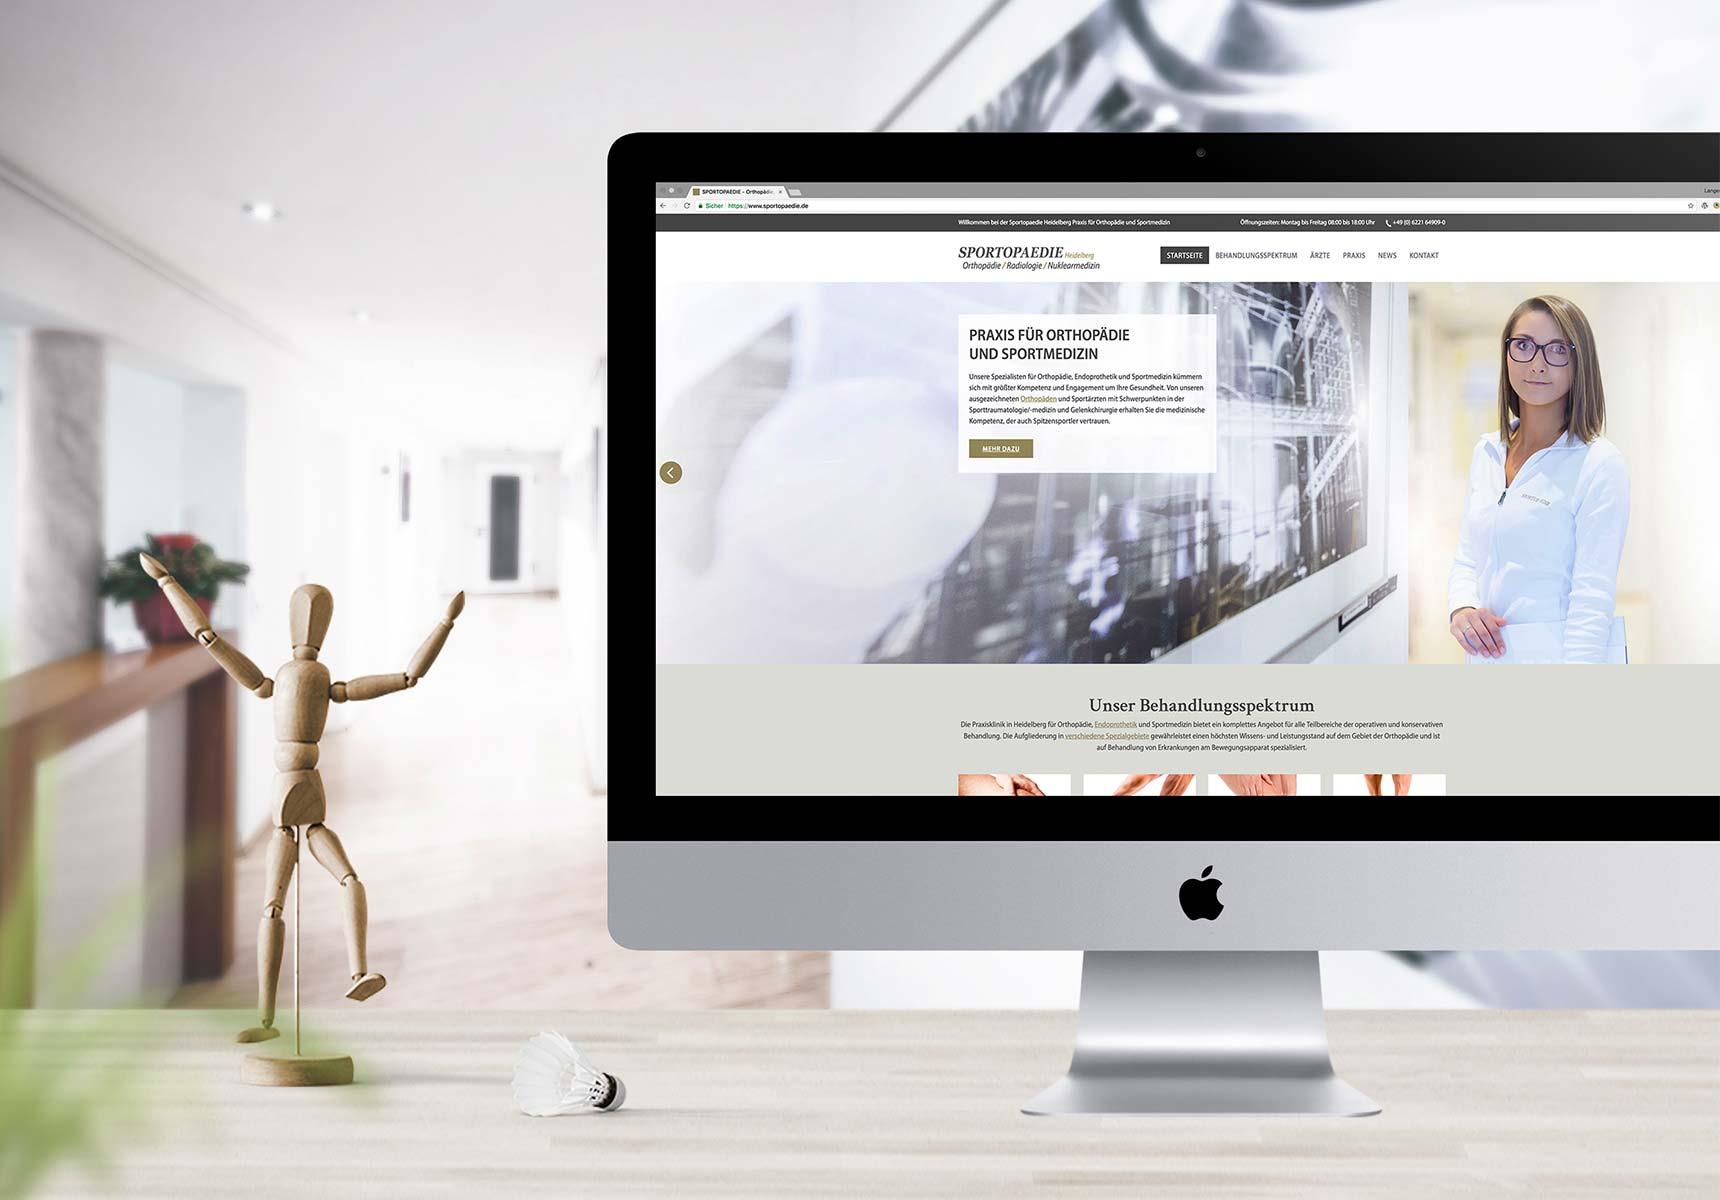 lr praxismarketing sportopaedie praxis webseite arzt 4 - Langenstein & Reichenthaler - Agentur für Praxismarketing